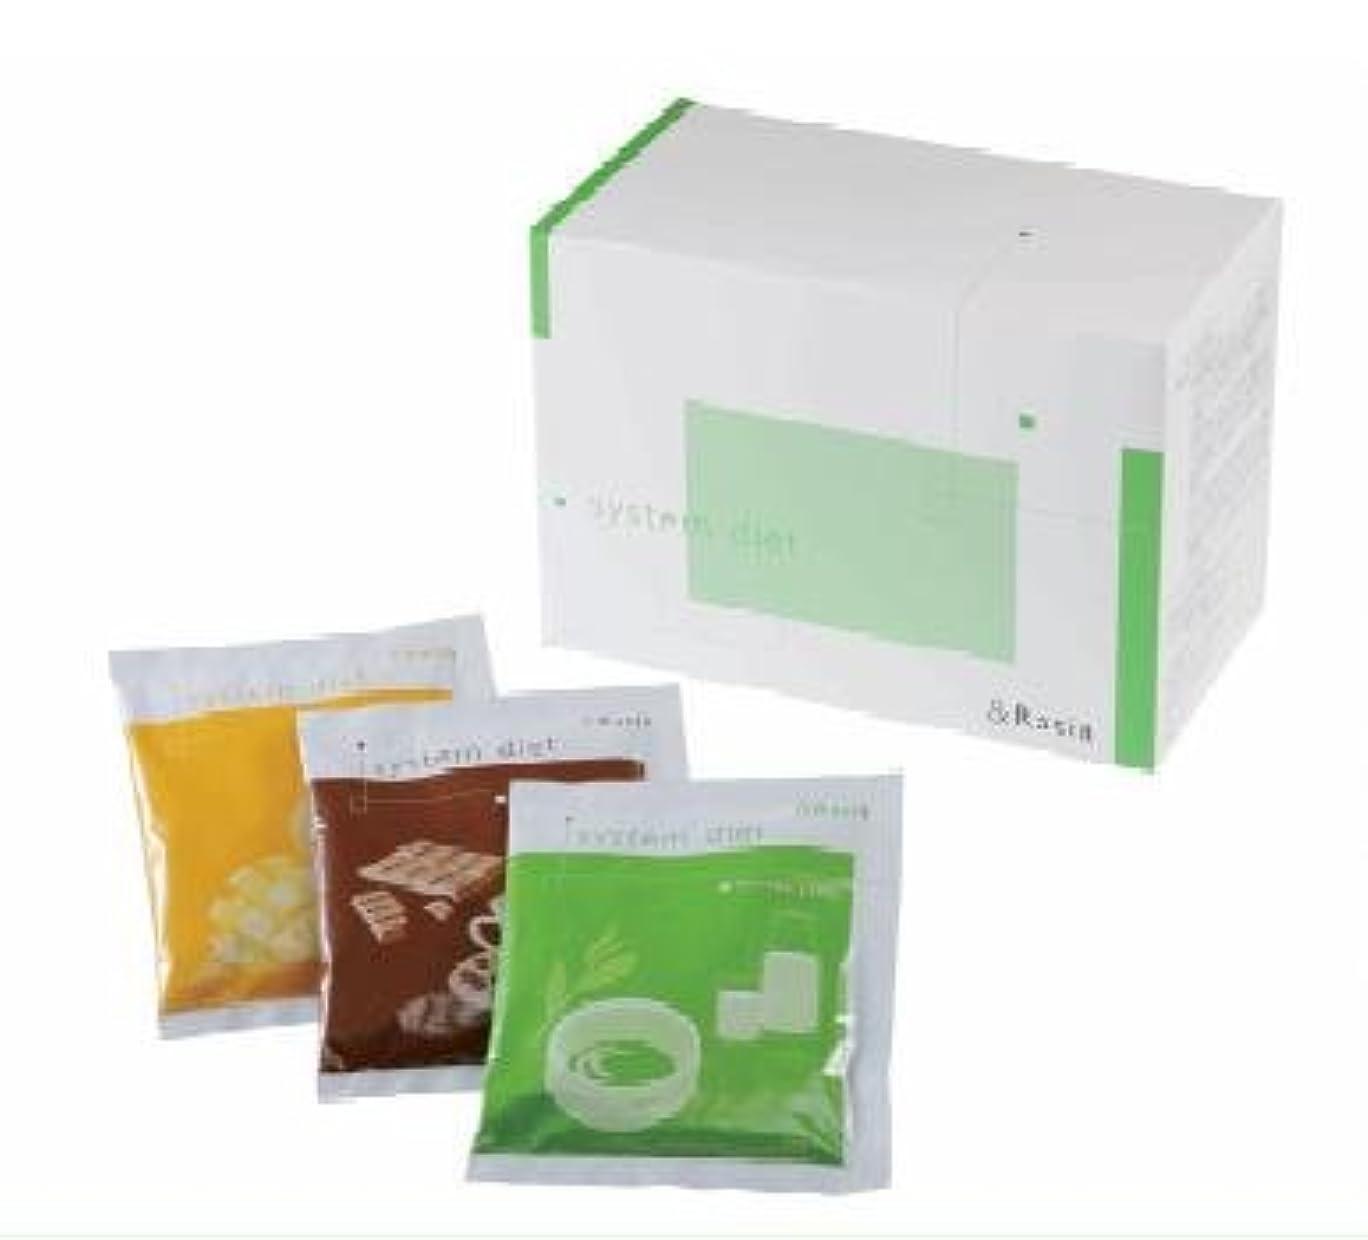 肉変更可能プラスチックアンドラティア システムダイエット 40g×14包 &ラティア &Ratia